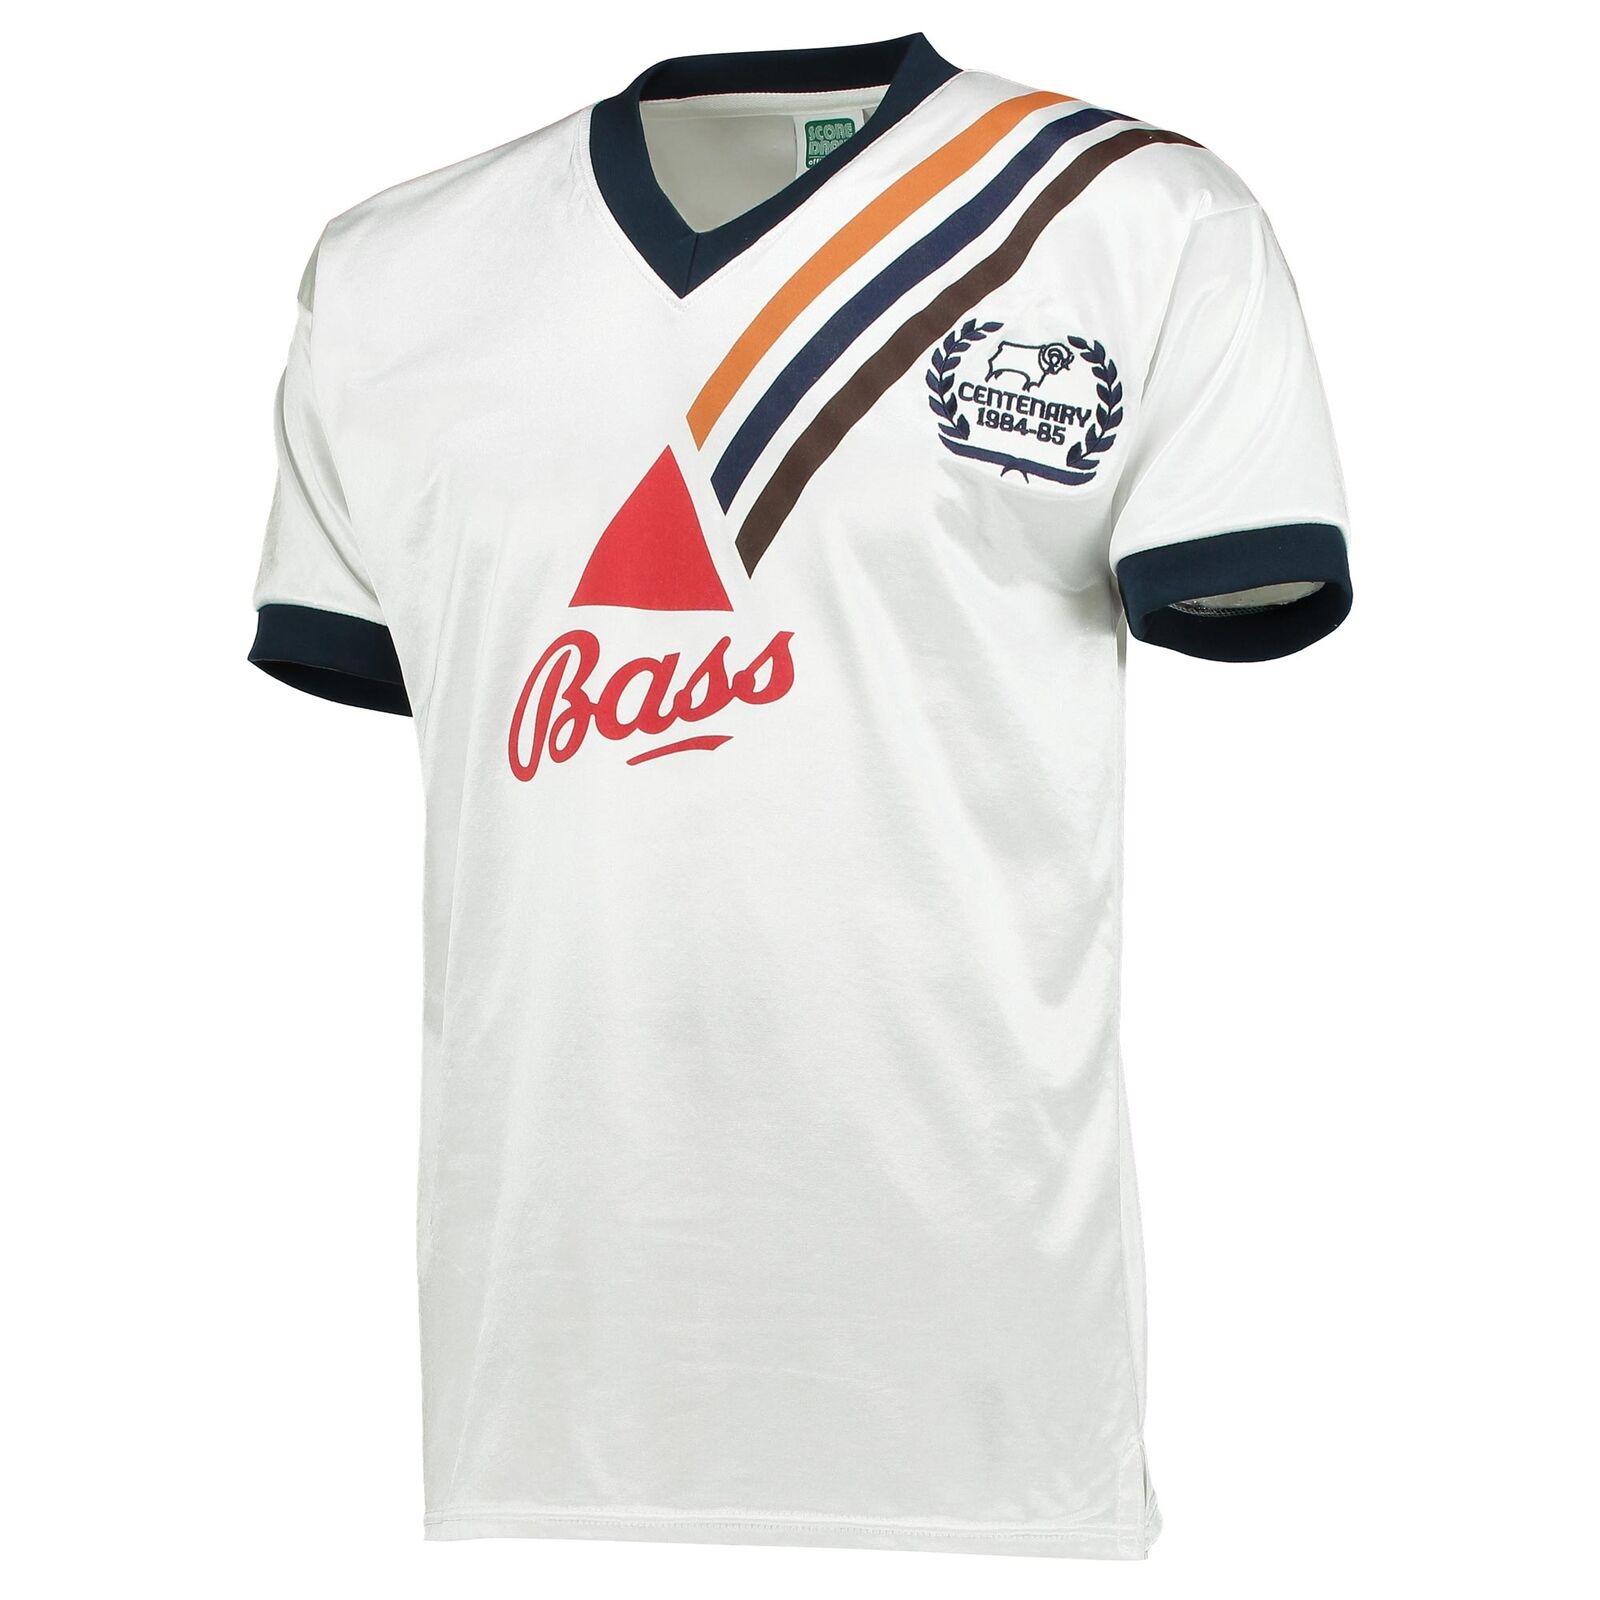 Derby County 1985 Centenary Retro Fußball Shirt Trikot Herren Sport T-Shirt Top  | Online Shop